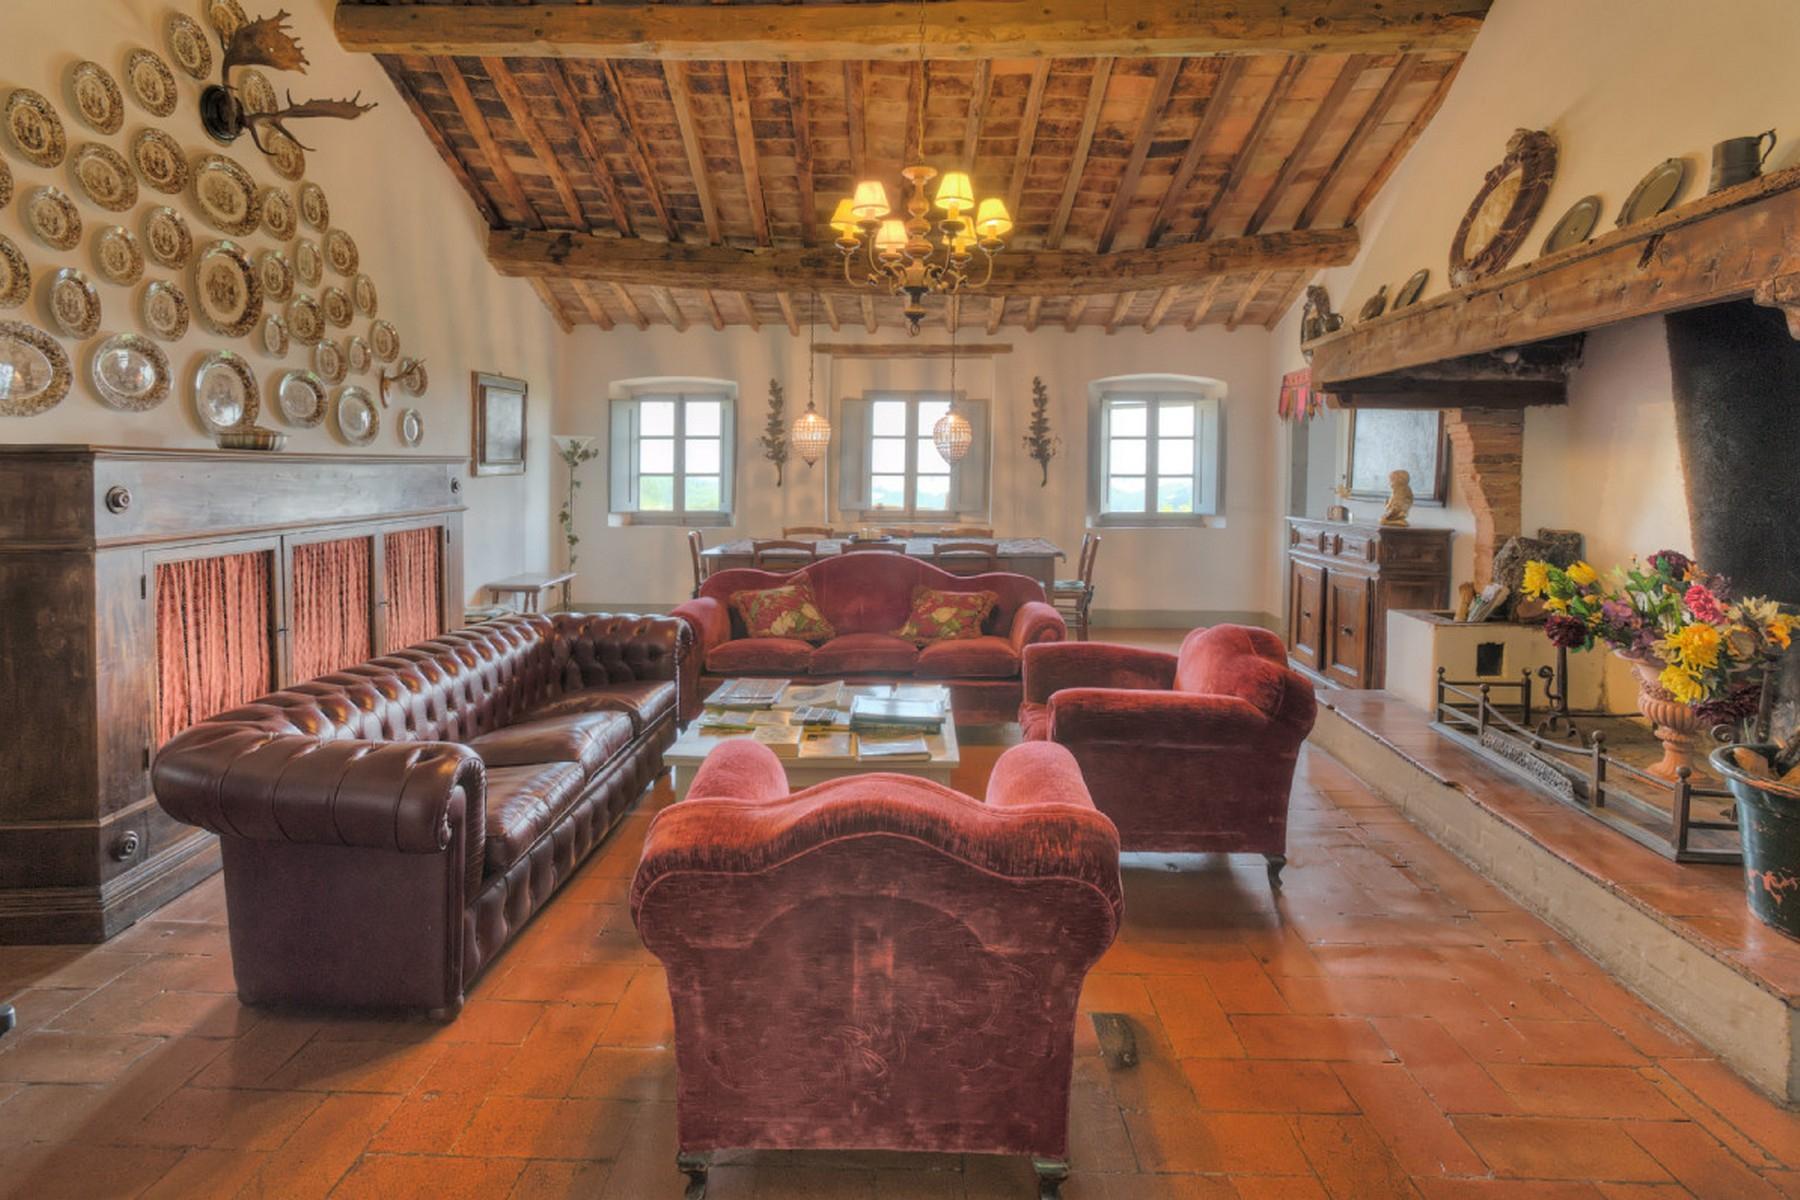 State-of-the-art rustic villa set in Florentine Chianti - 11